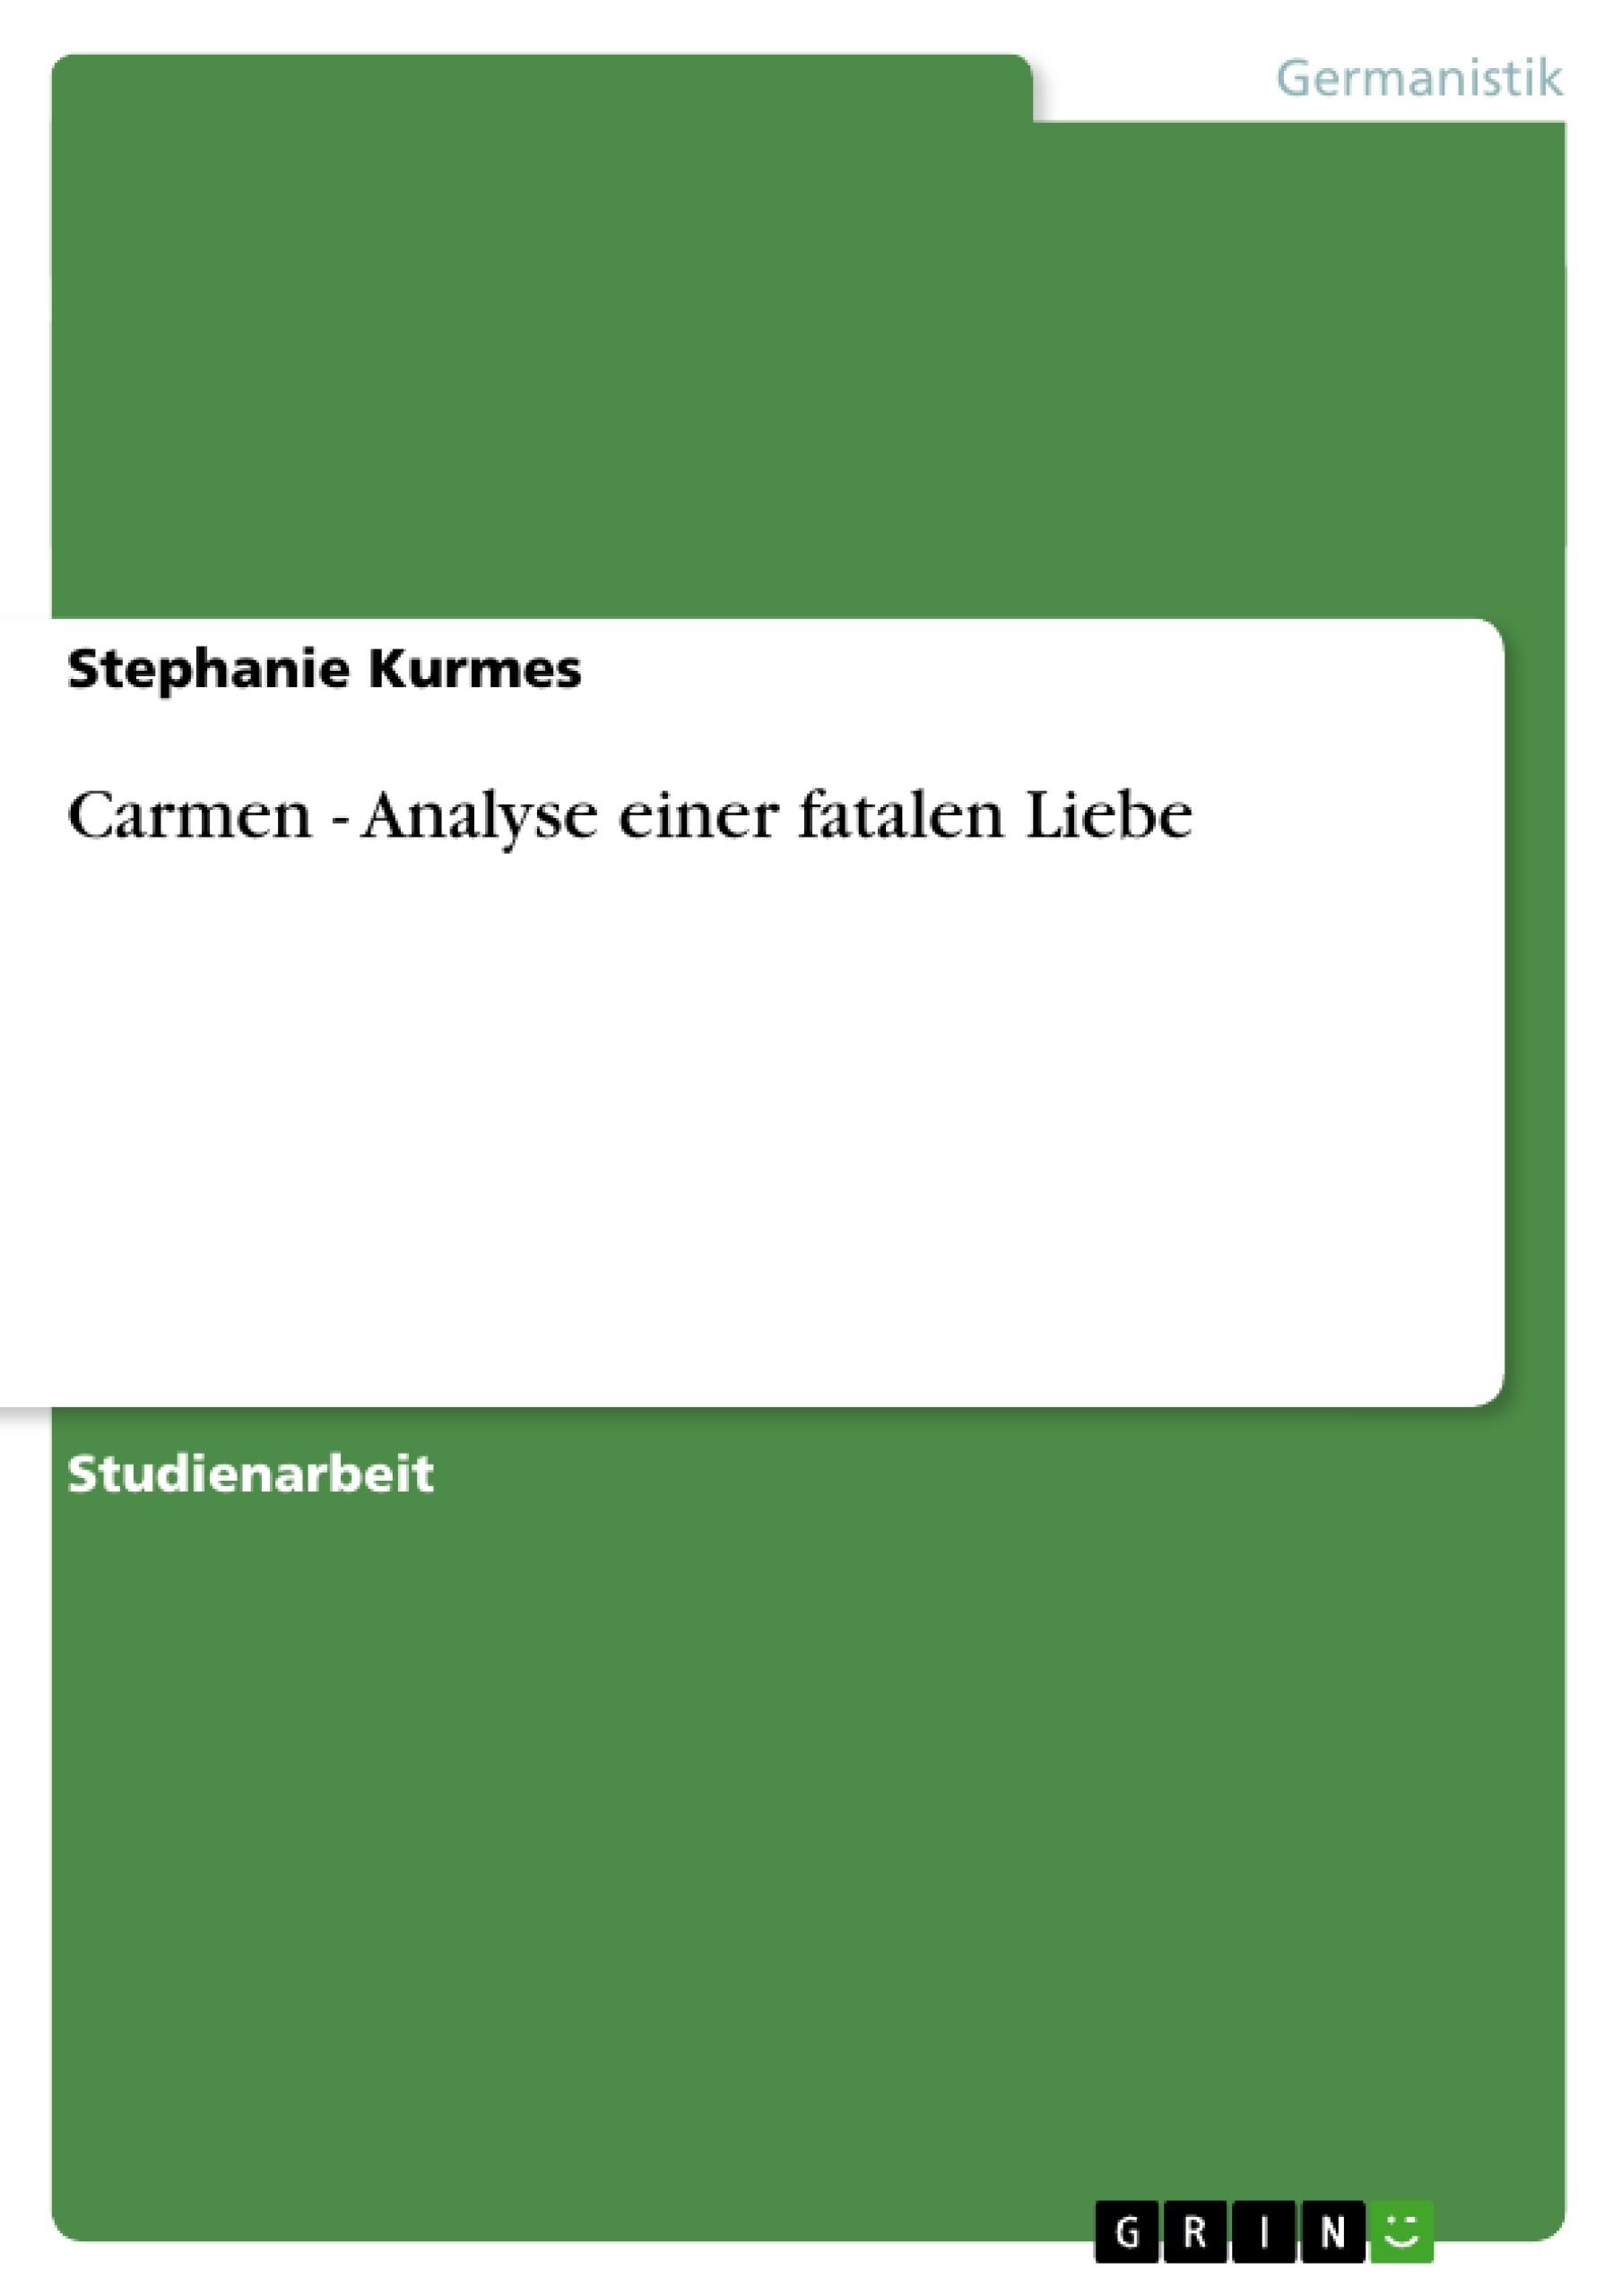 Titel: Carmen - Analyse einer fatalen Liebe